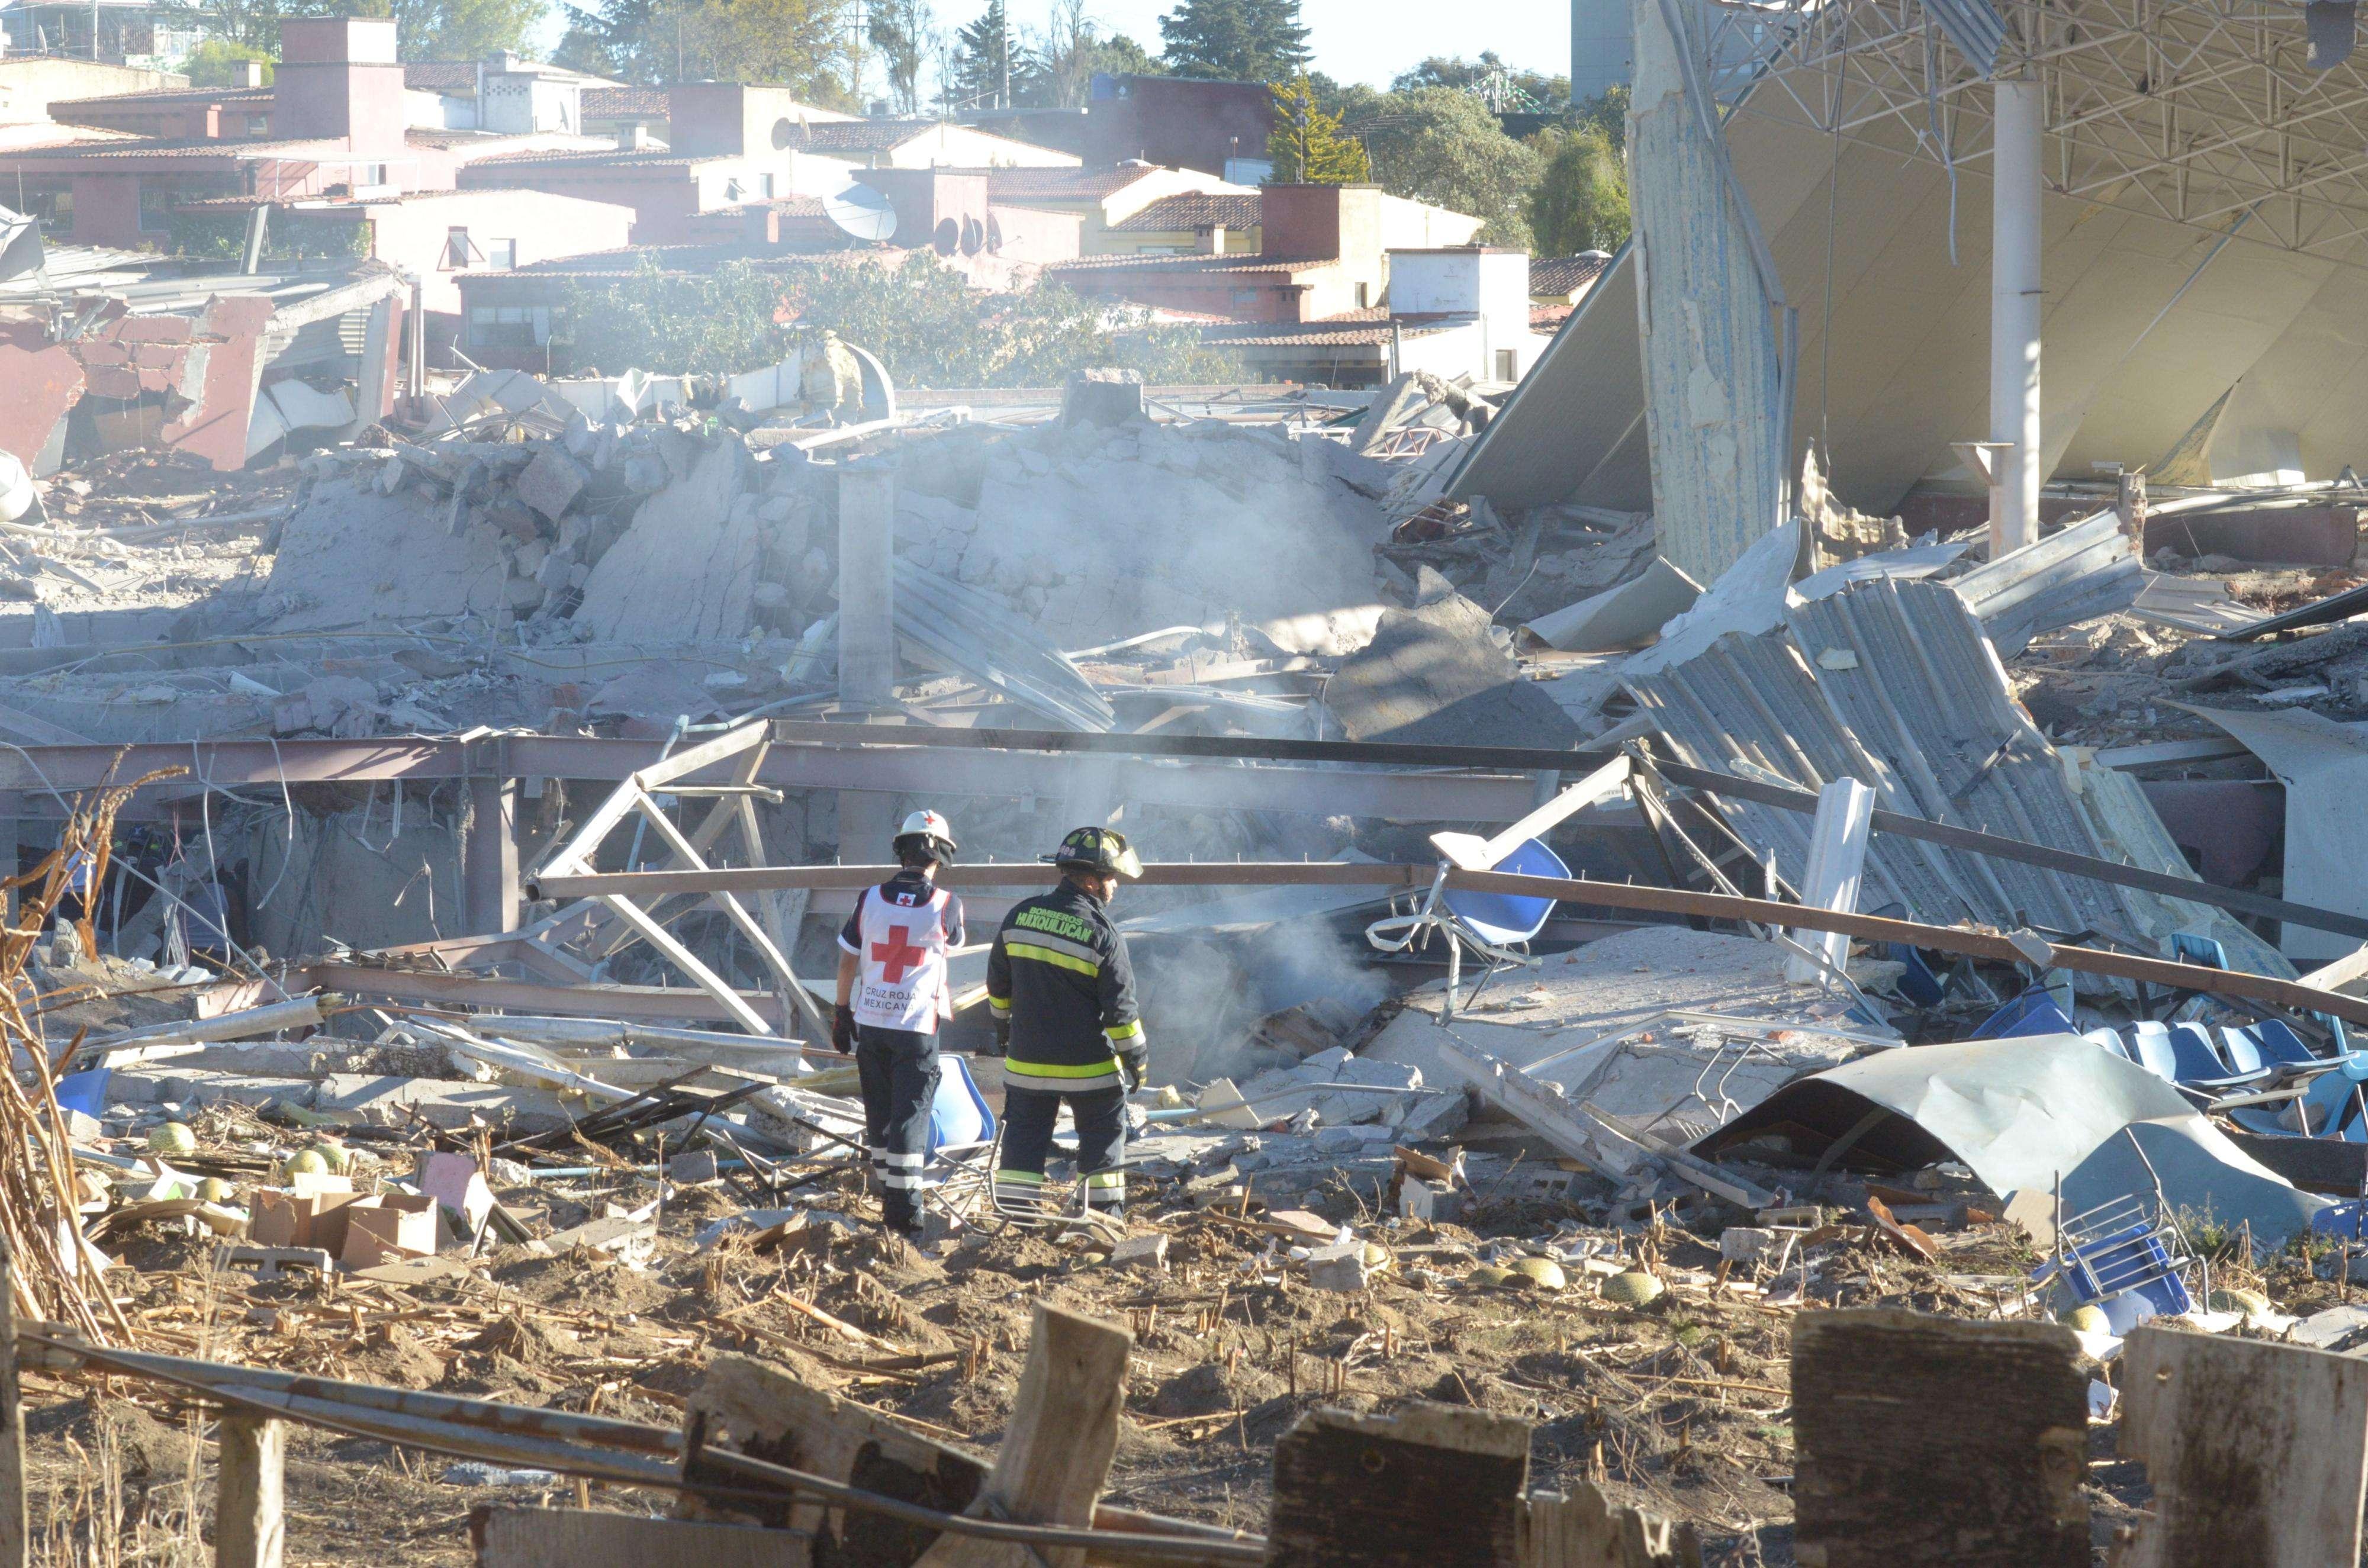 Una fuerte explosión de gas ocurrida hoy en un hospital materno infantil en Ciudad de México dejó al menos siete muertos, tres de ellos bebés, y 50 heridos, informaron hoy las autoridades, que no descartan que aún haya personas bajo los escombros. Un 30 por ciento del hospital se derrumbó. Los bomberos ya han controlado el fuego y buscan si hay más víctimas o lesionados. Los heridos han sido trasladados a otros hospitales. Diez son empleados del hospital. Foto: AFP en español